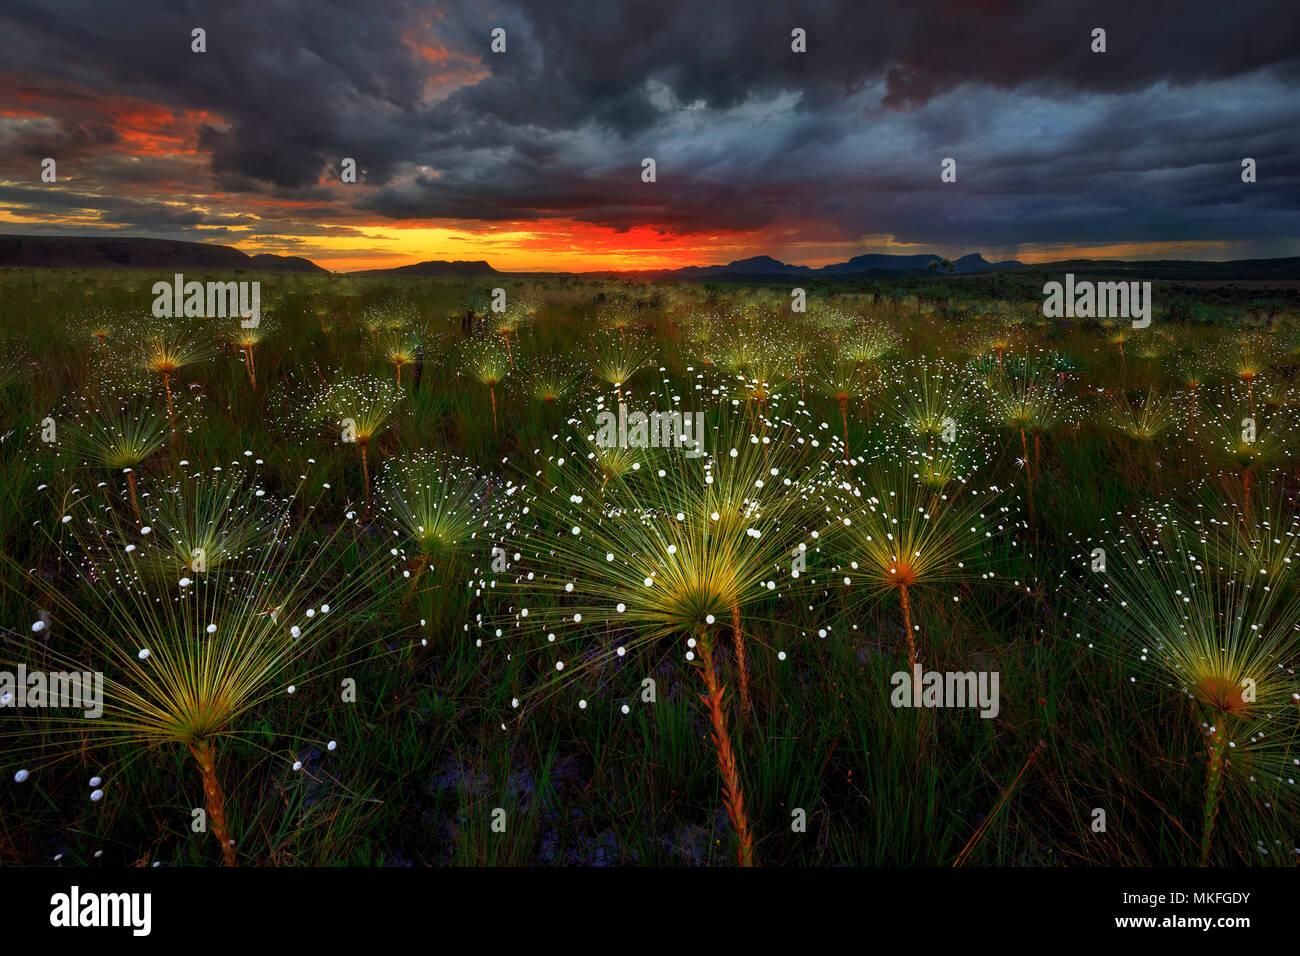 Paepalanthus flowers fireworks (Paepalanthus sp) at sunset, Chapada dos Veadeiros National Park, Brazil - Stock Image